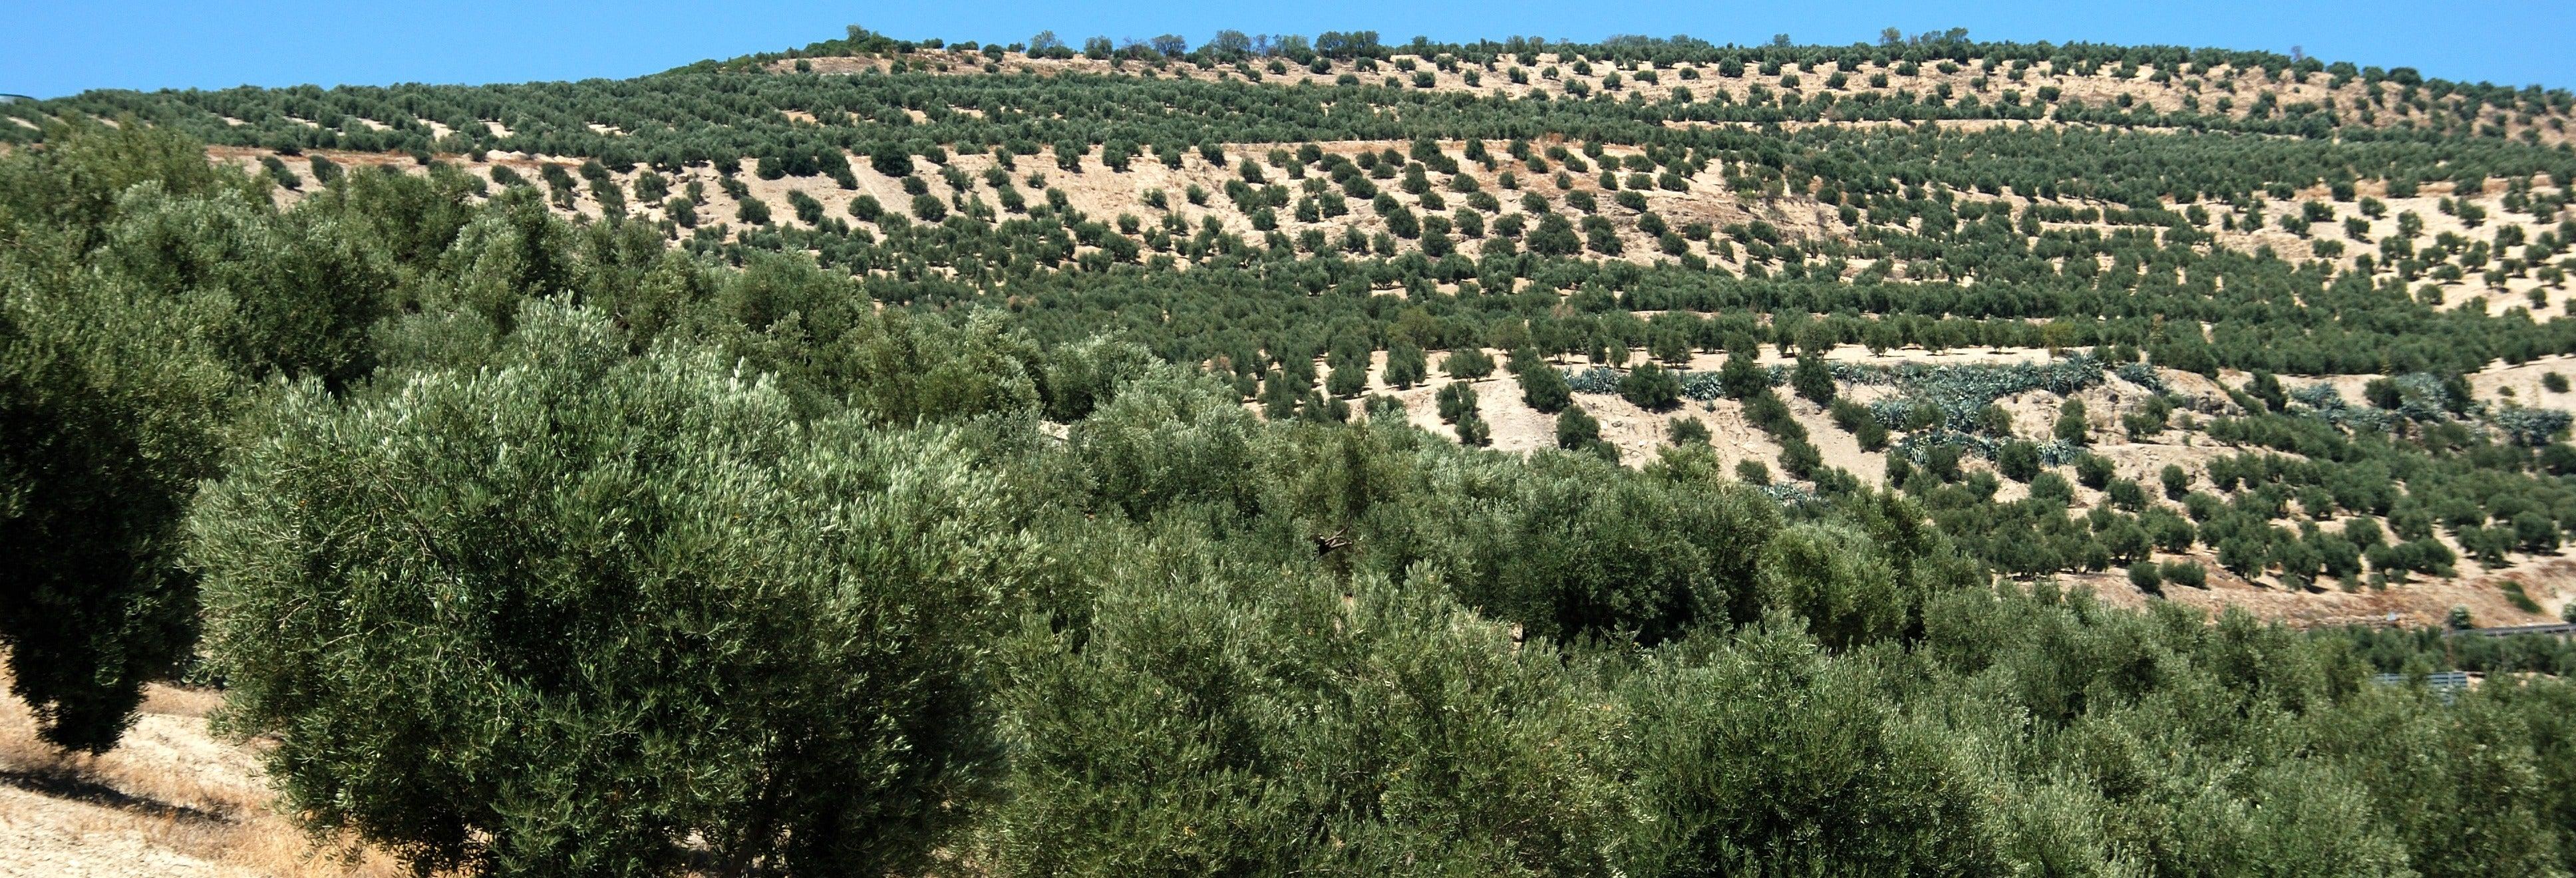 Visita a un olivar ecológico + Cata de aceite